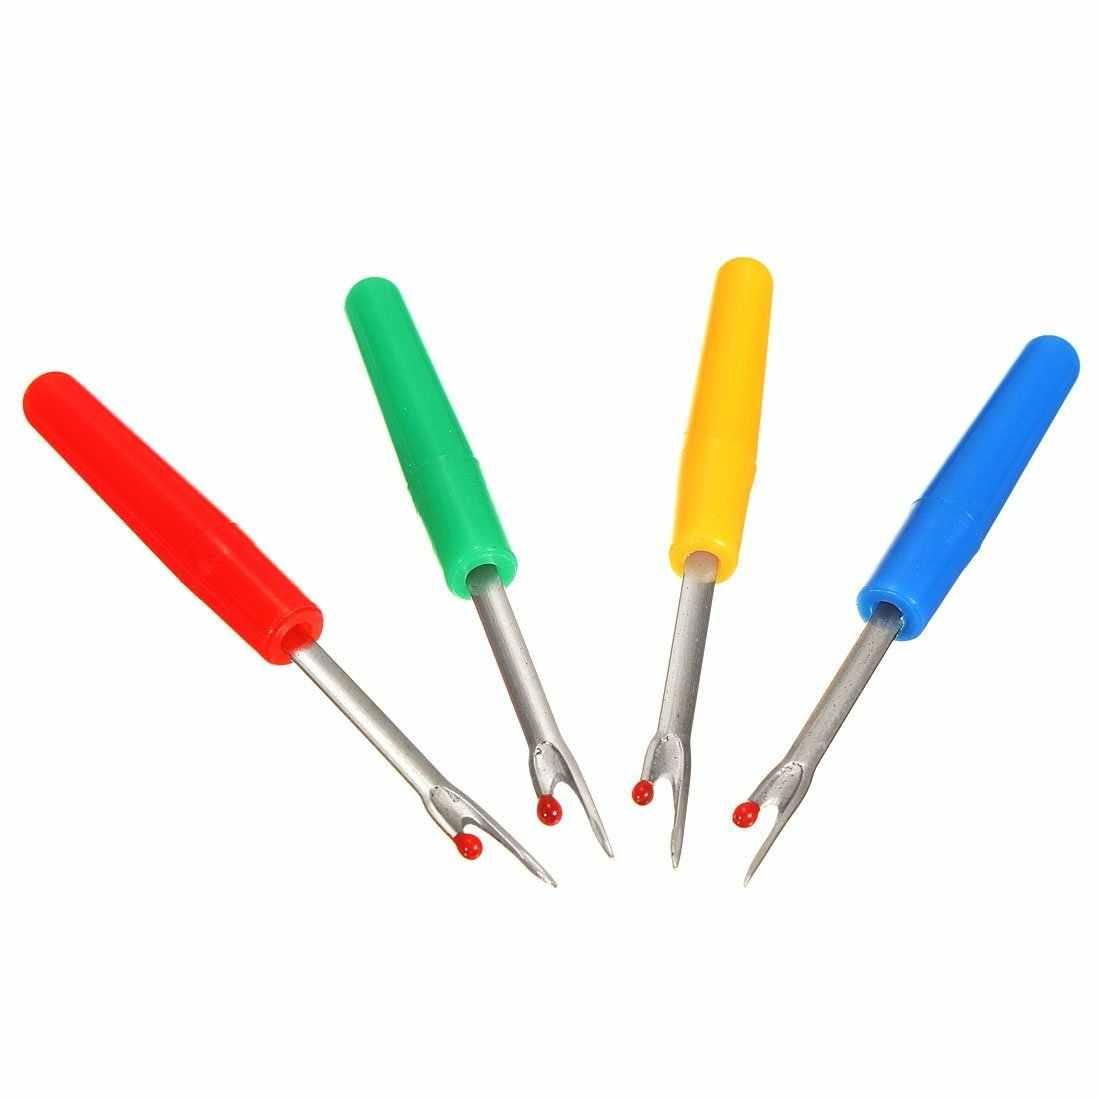 JEYL 1 шт. пластиковая ручка заклепка игла отпорная хлопковая нить швейный инструмент